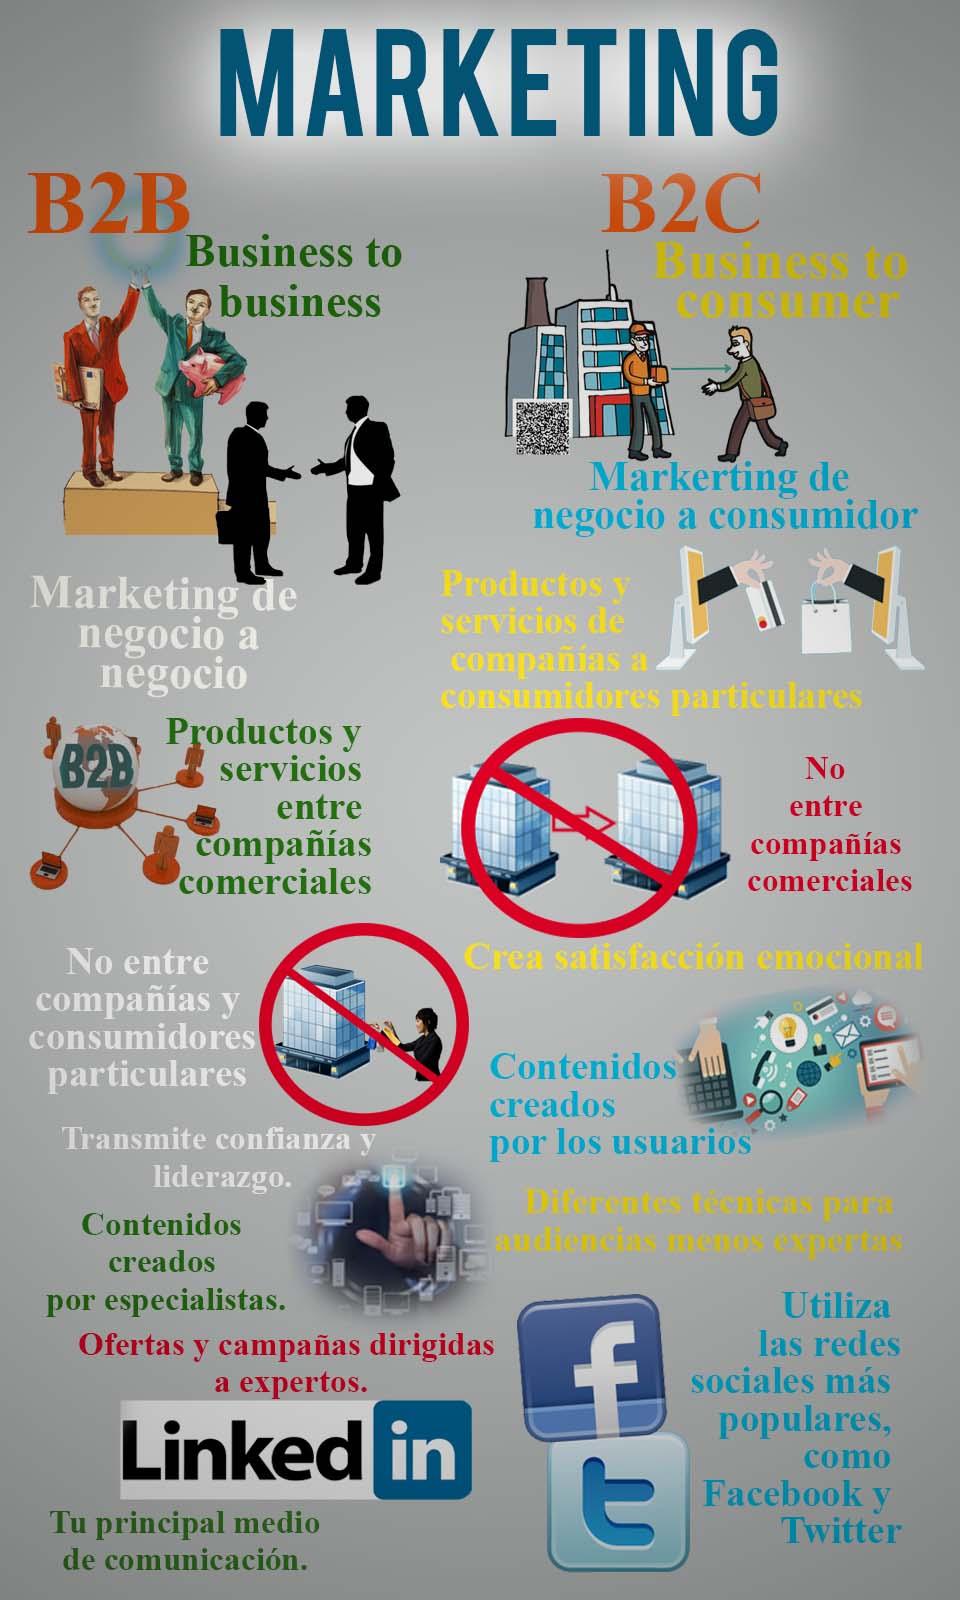 7_diferencias_del_marketing_B2B_y_B2C